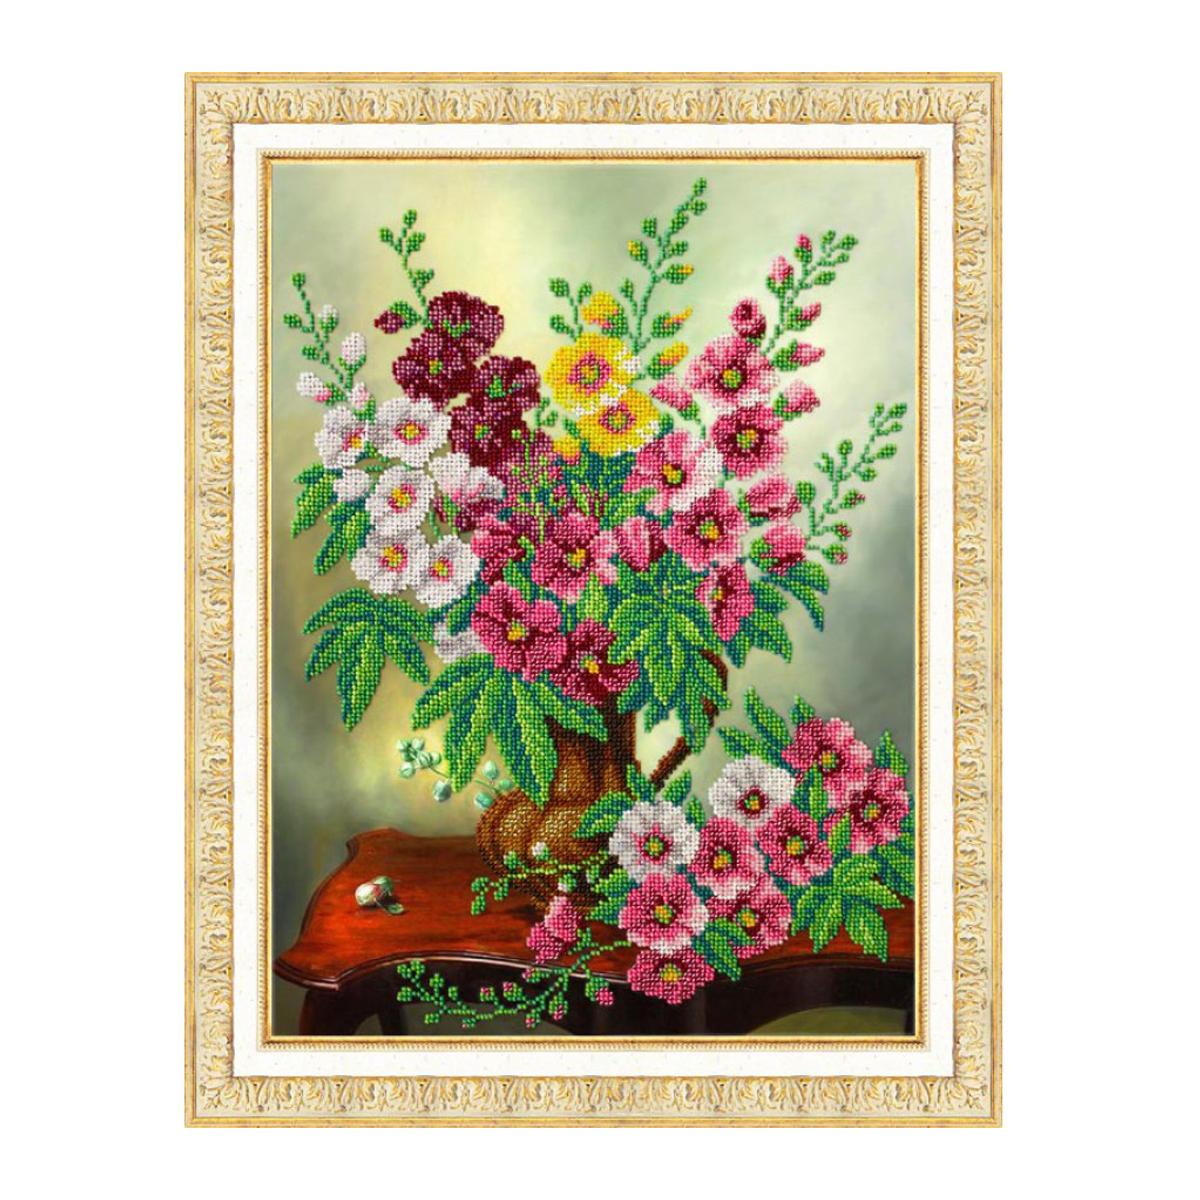 Набор для вышивания бисером Паутинка Мальвы, 28 см х 38 см. Б12407710794Состав набора: бисер Чехия - 19 цветов, льняная ткань с нанесенным рисунком, бисерная игла, подробная инструкция.